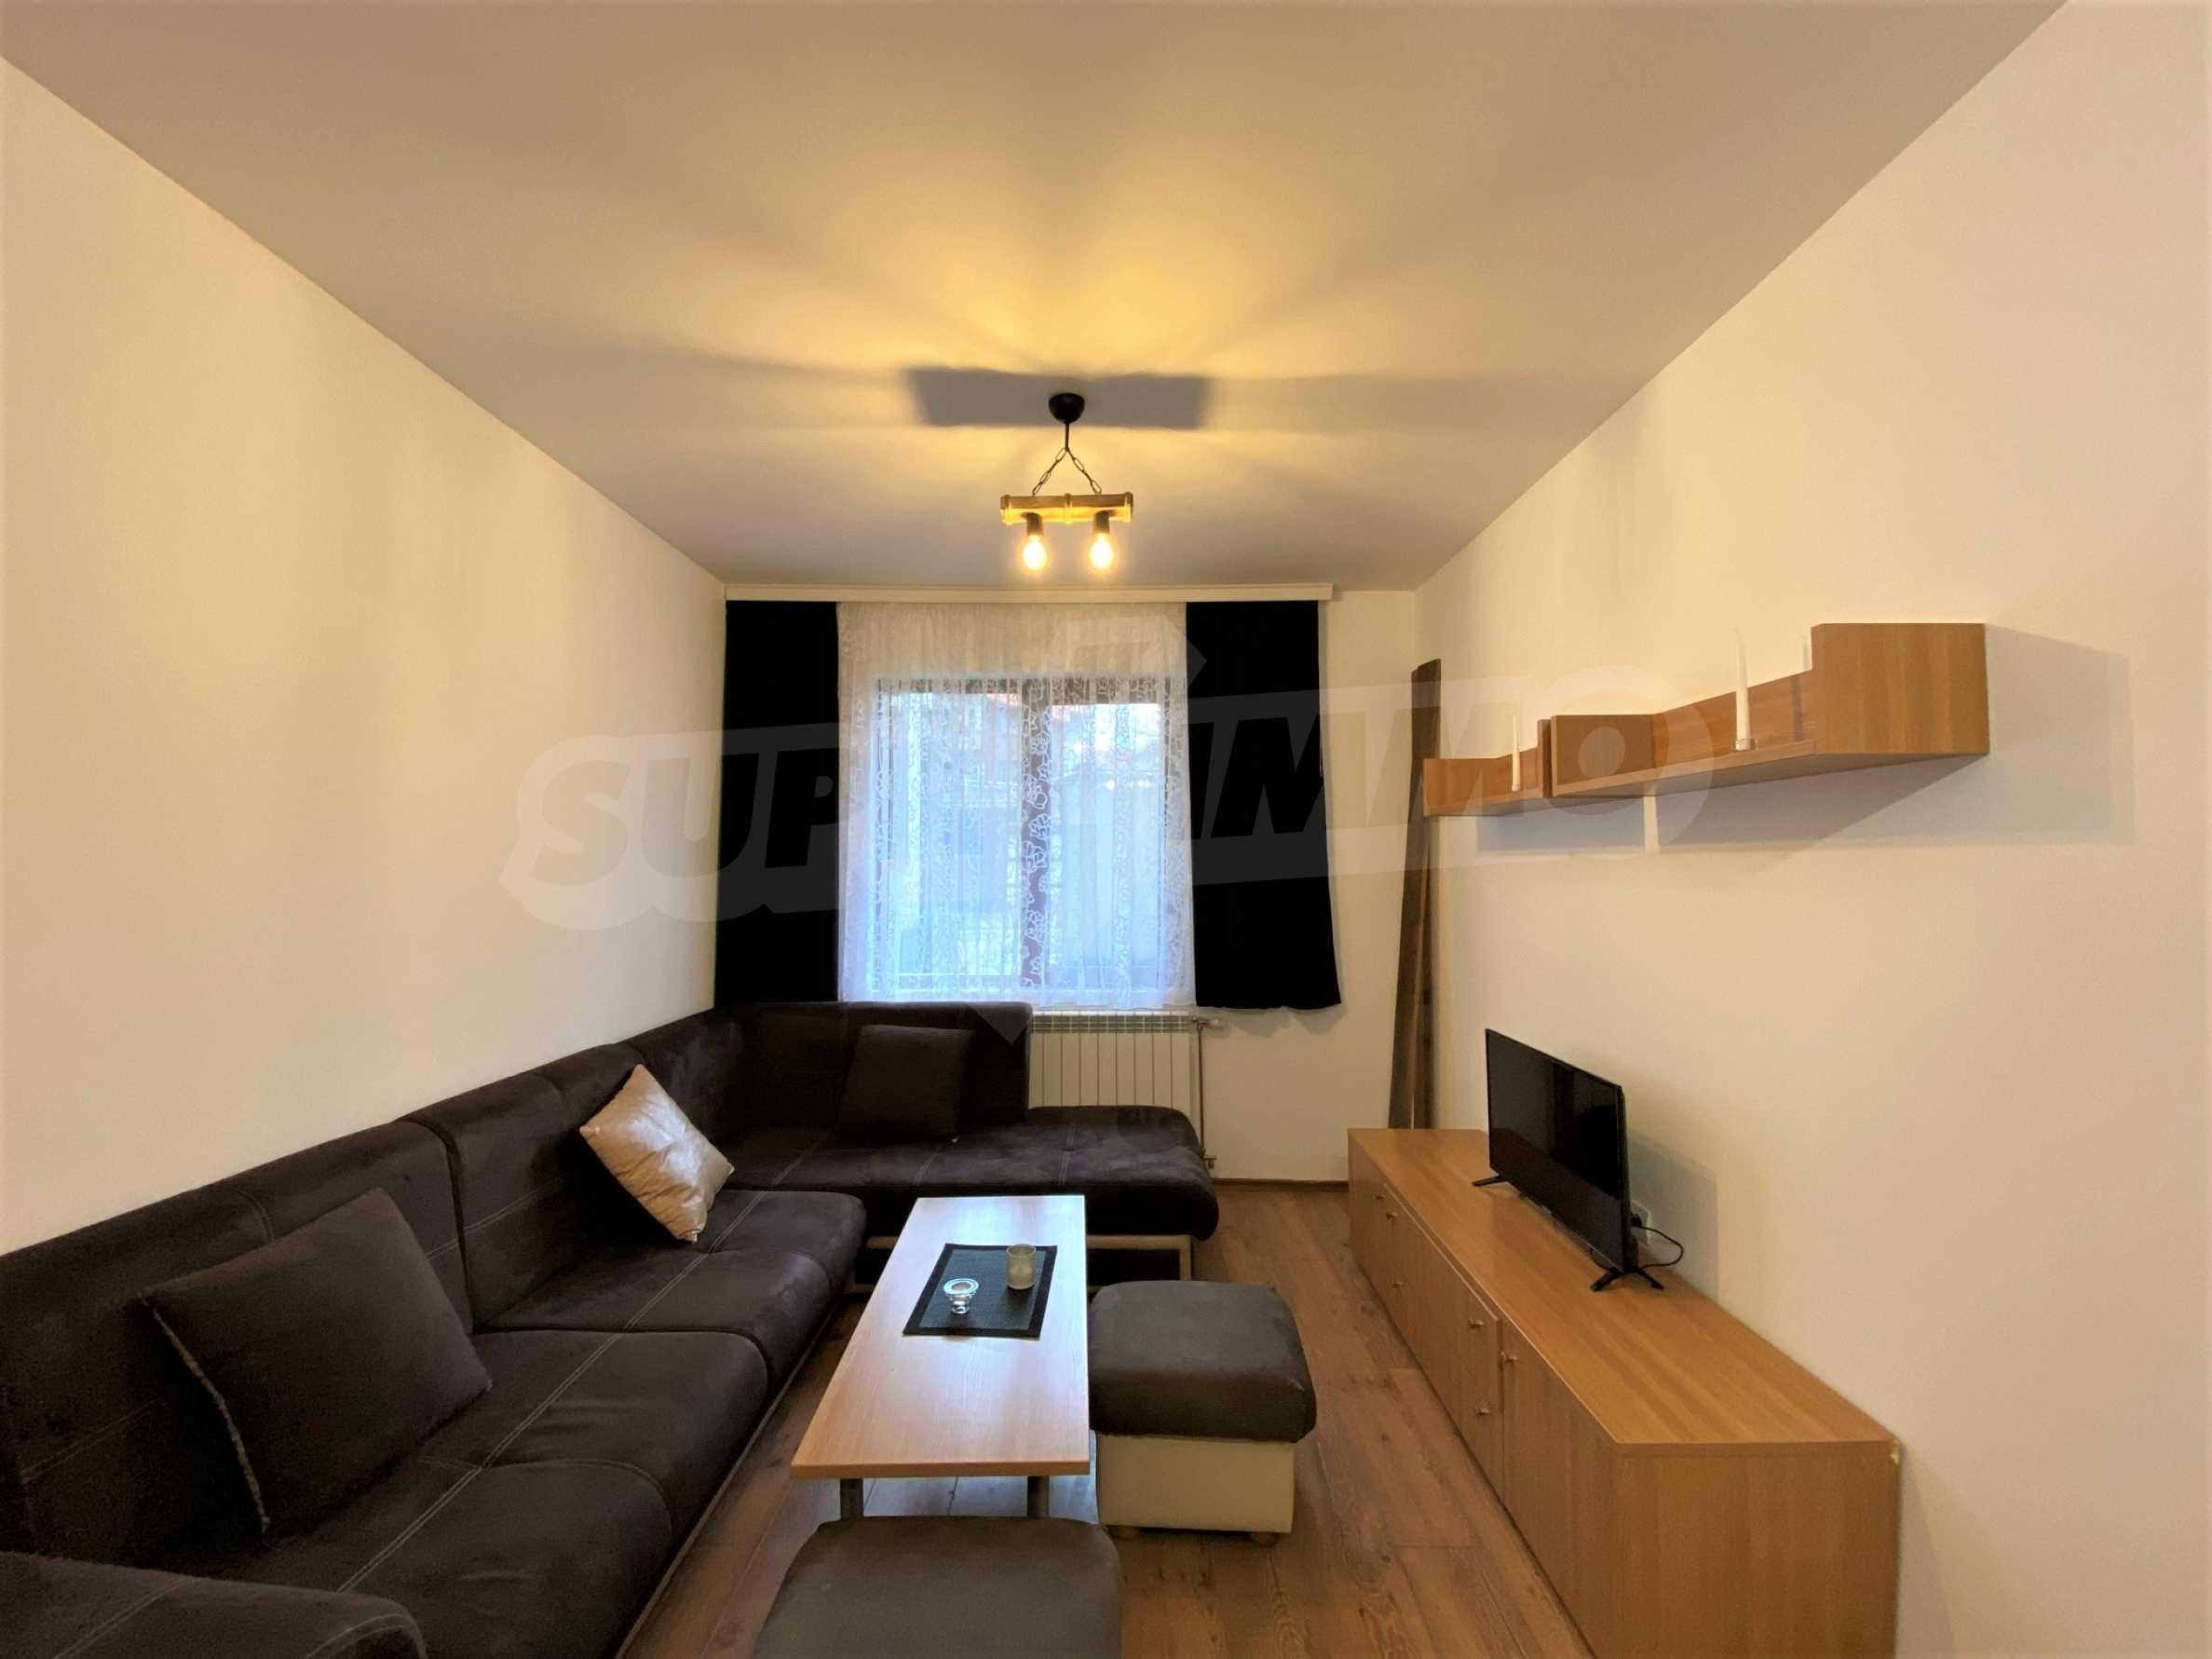 Apartment mit zwei Schlafzimmern zum Verkauf in der Nähe des Skigebiets in Bansko 4